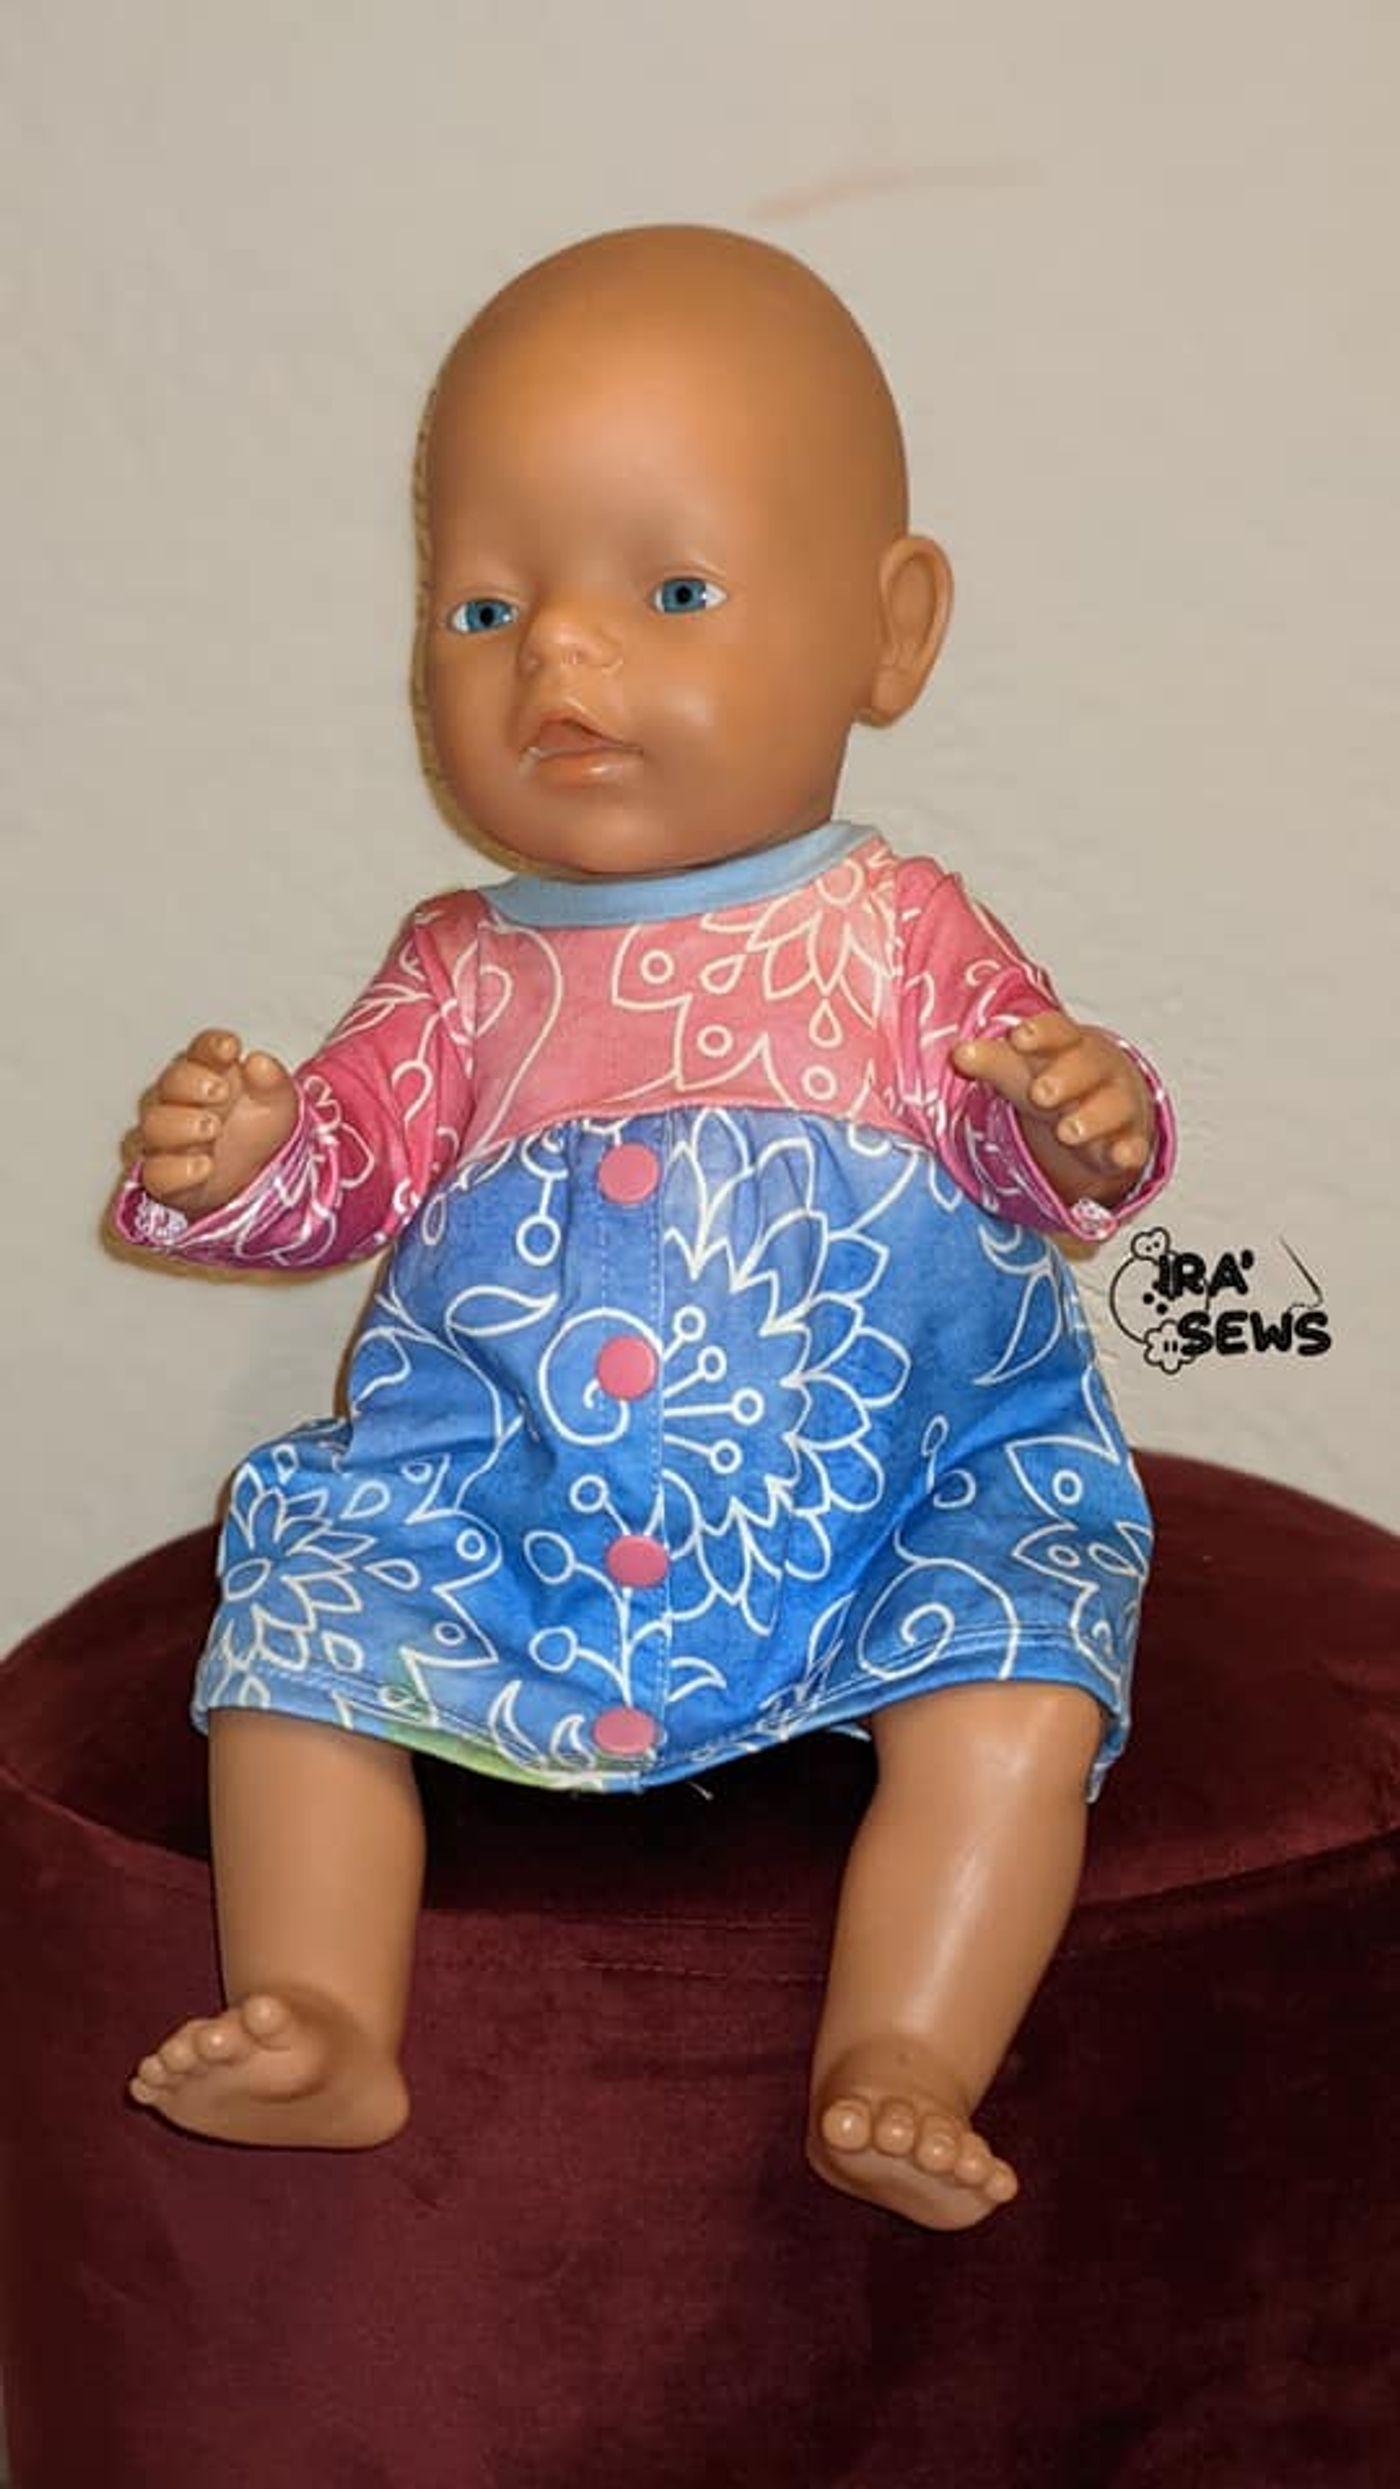 Produktfoto 2 von Happy Pearl für Schnittmuster Little Keyla + Happy Keyla - Tunika und 43cm Puppenschnitt